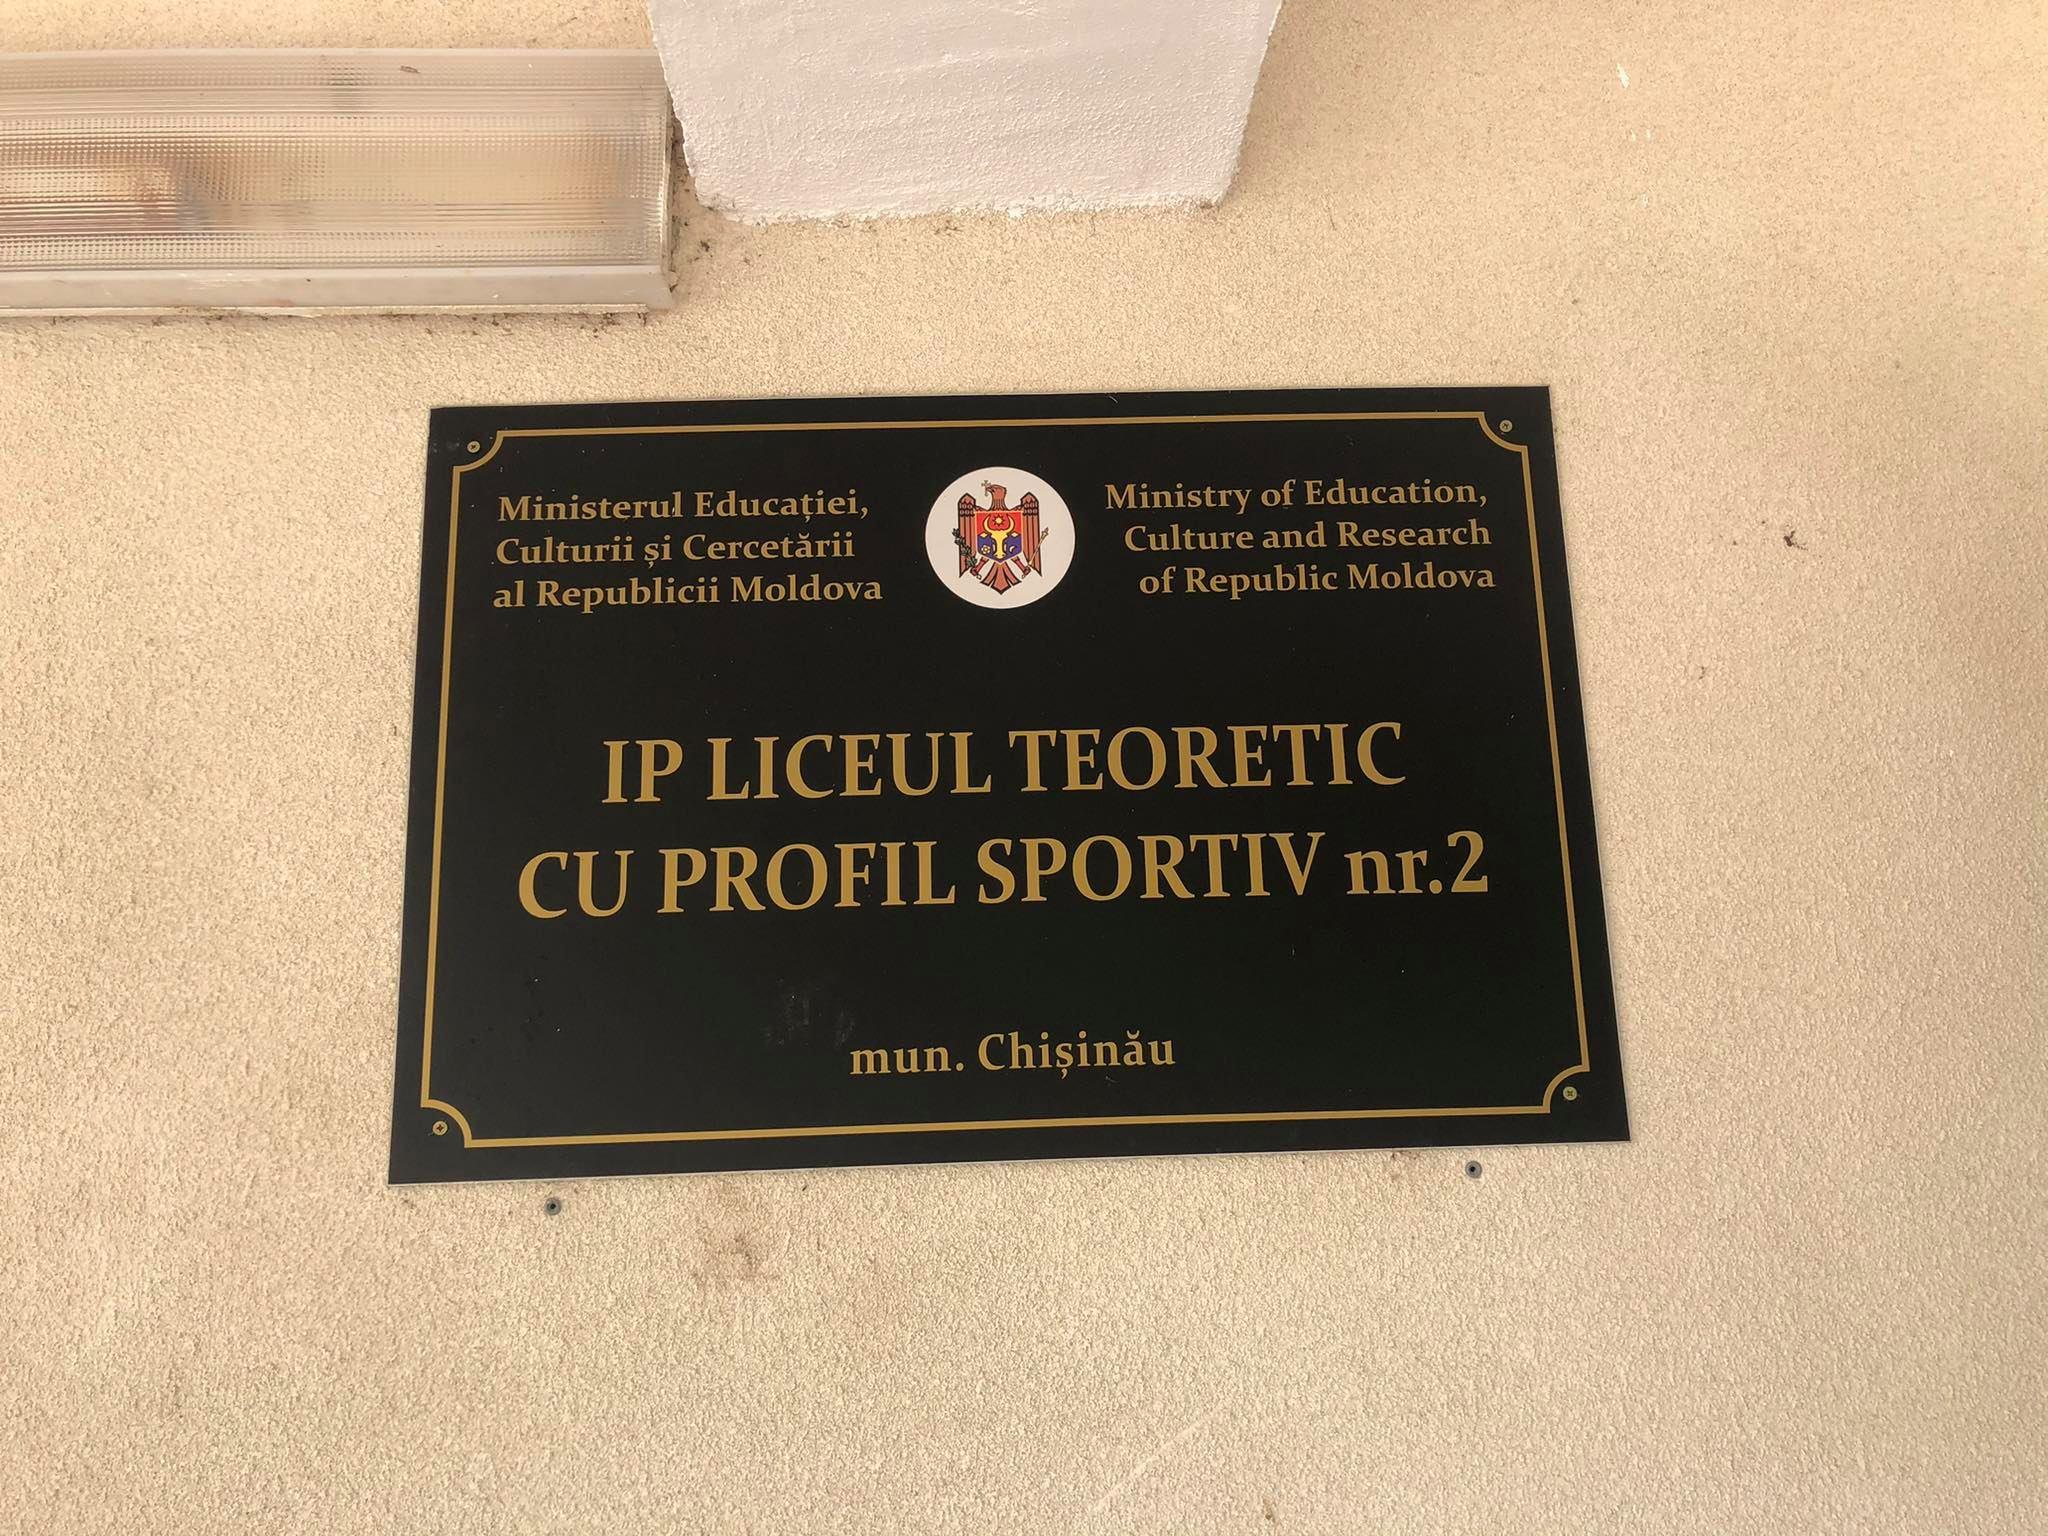 FOTO: Vitalina Țaranu. Liceul Teoretic cu profil sportiv nr.2 din Capitală